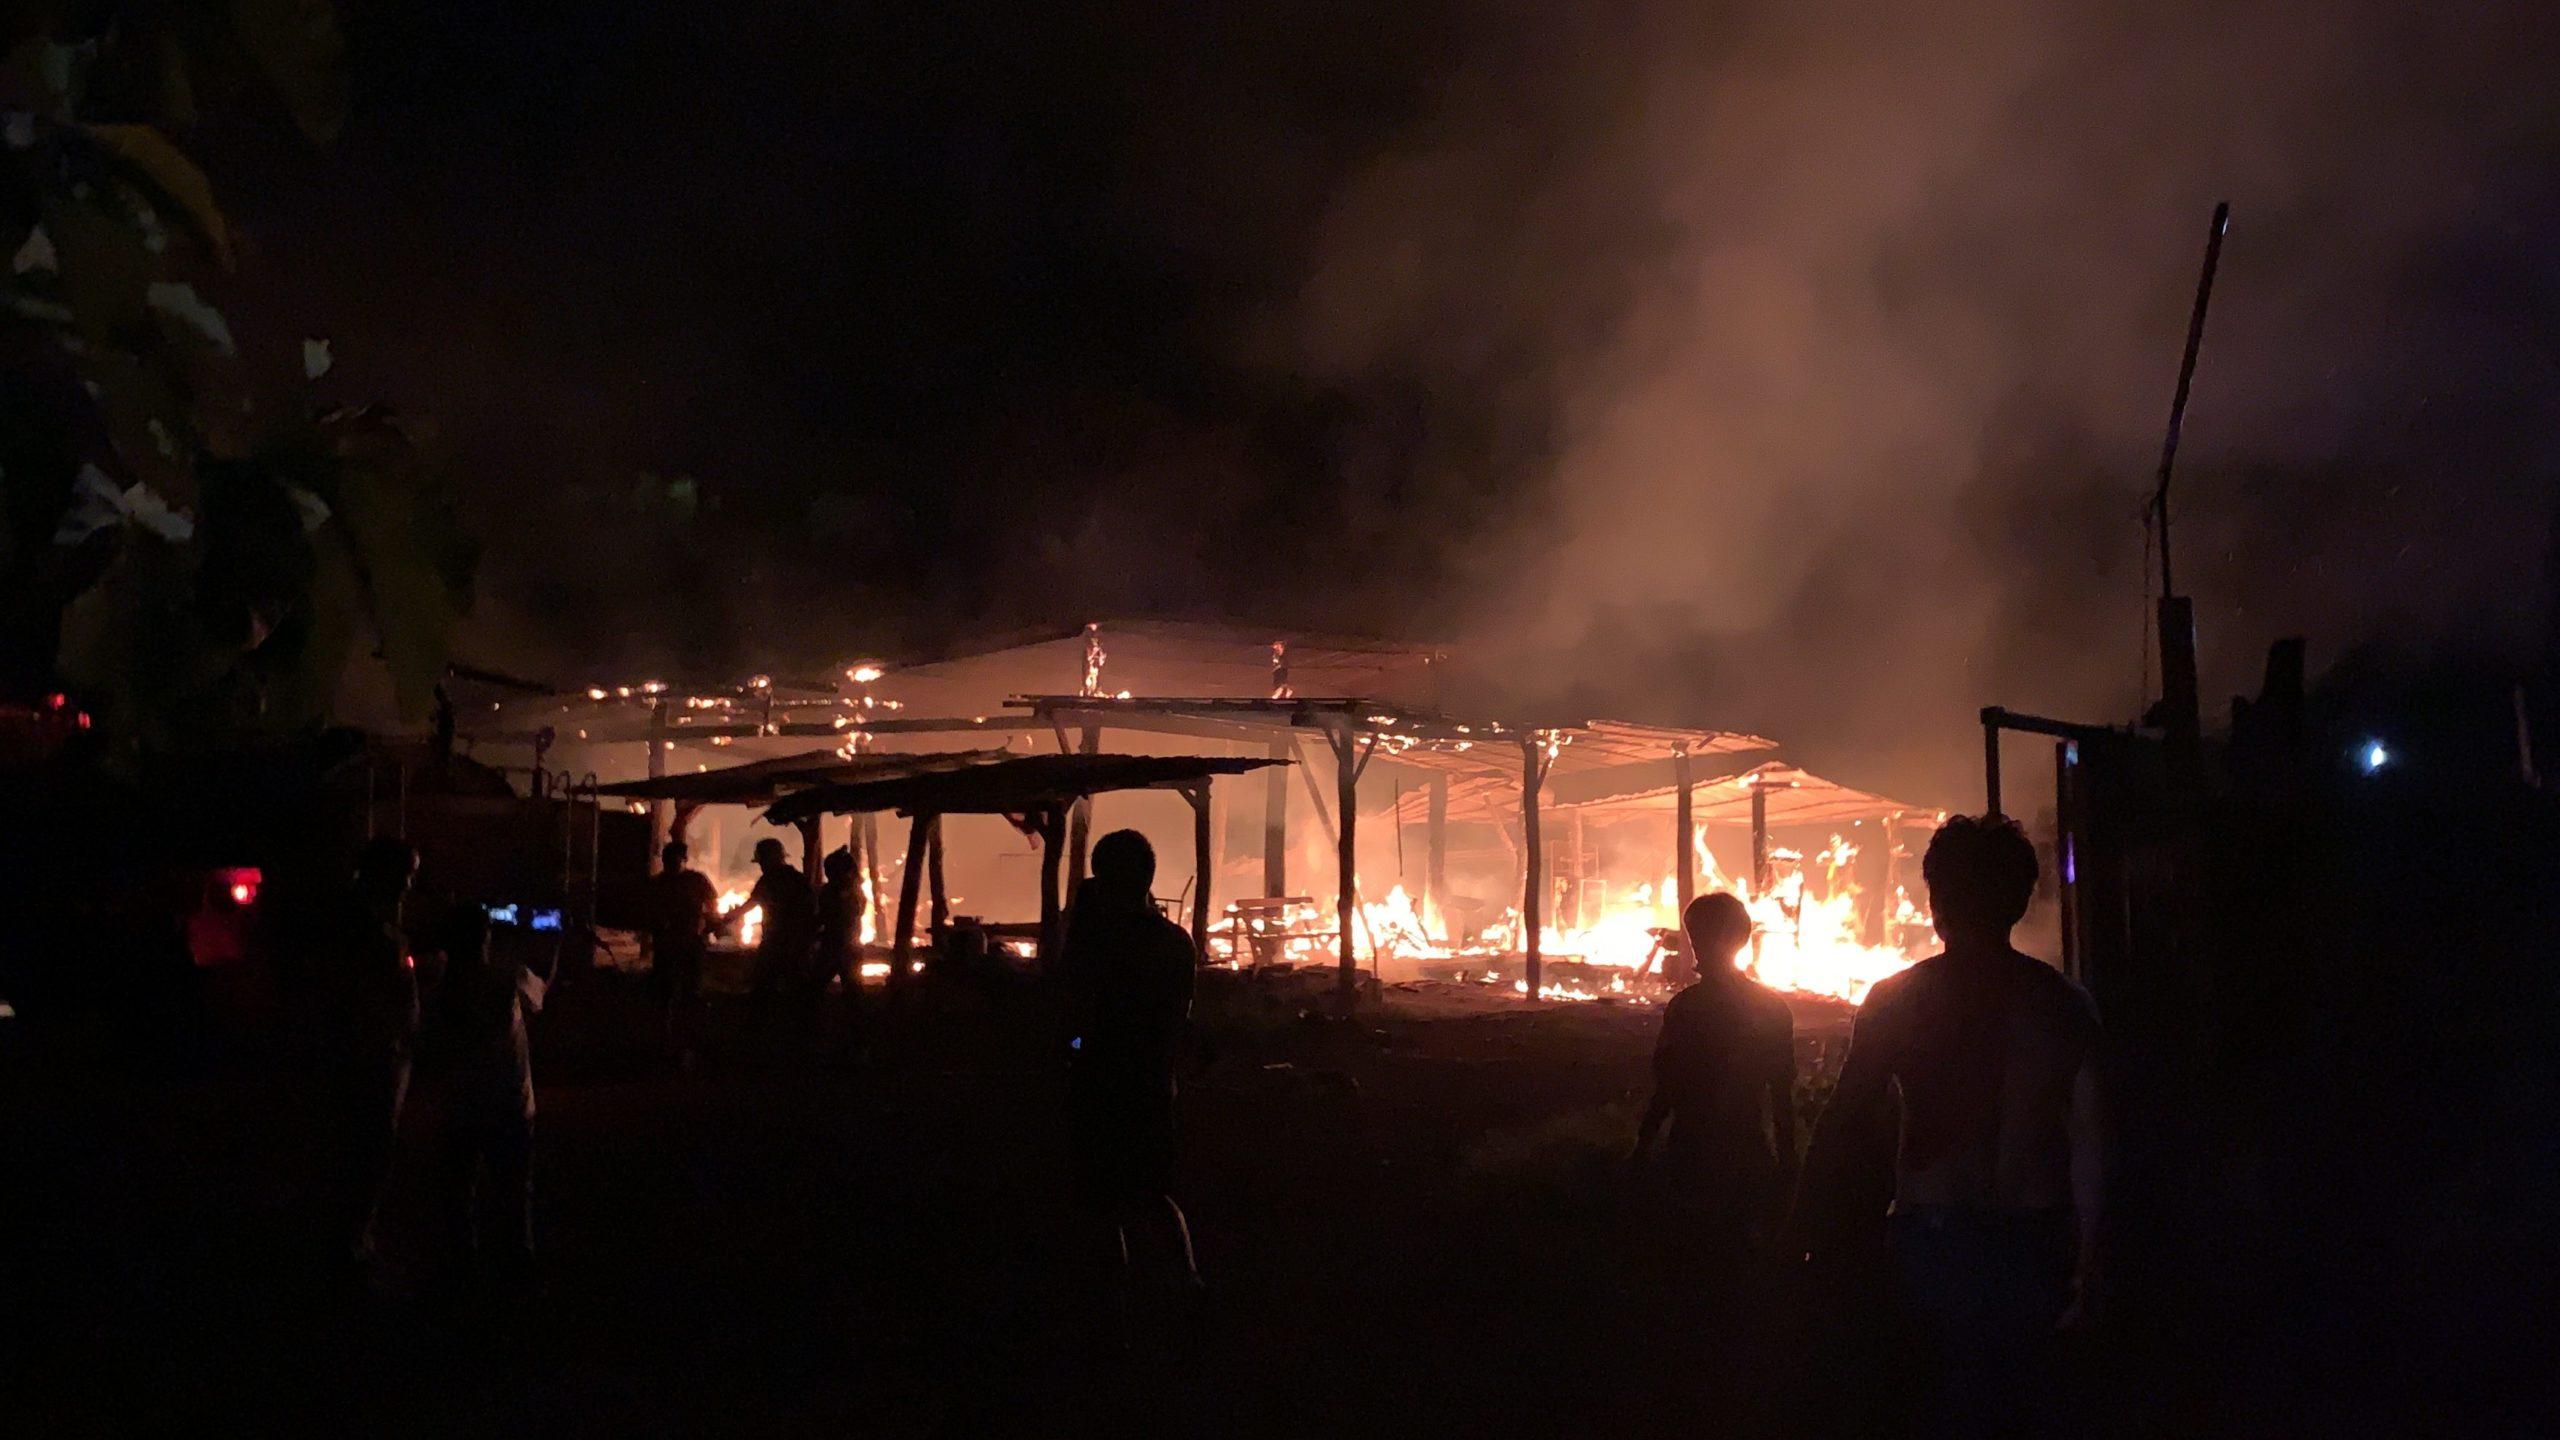 ไฟไหม้โกดังเก็บของและเครื่องมือที่หนองคาย คนงานบาดเจ็บ เสียหาย 3 แสน